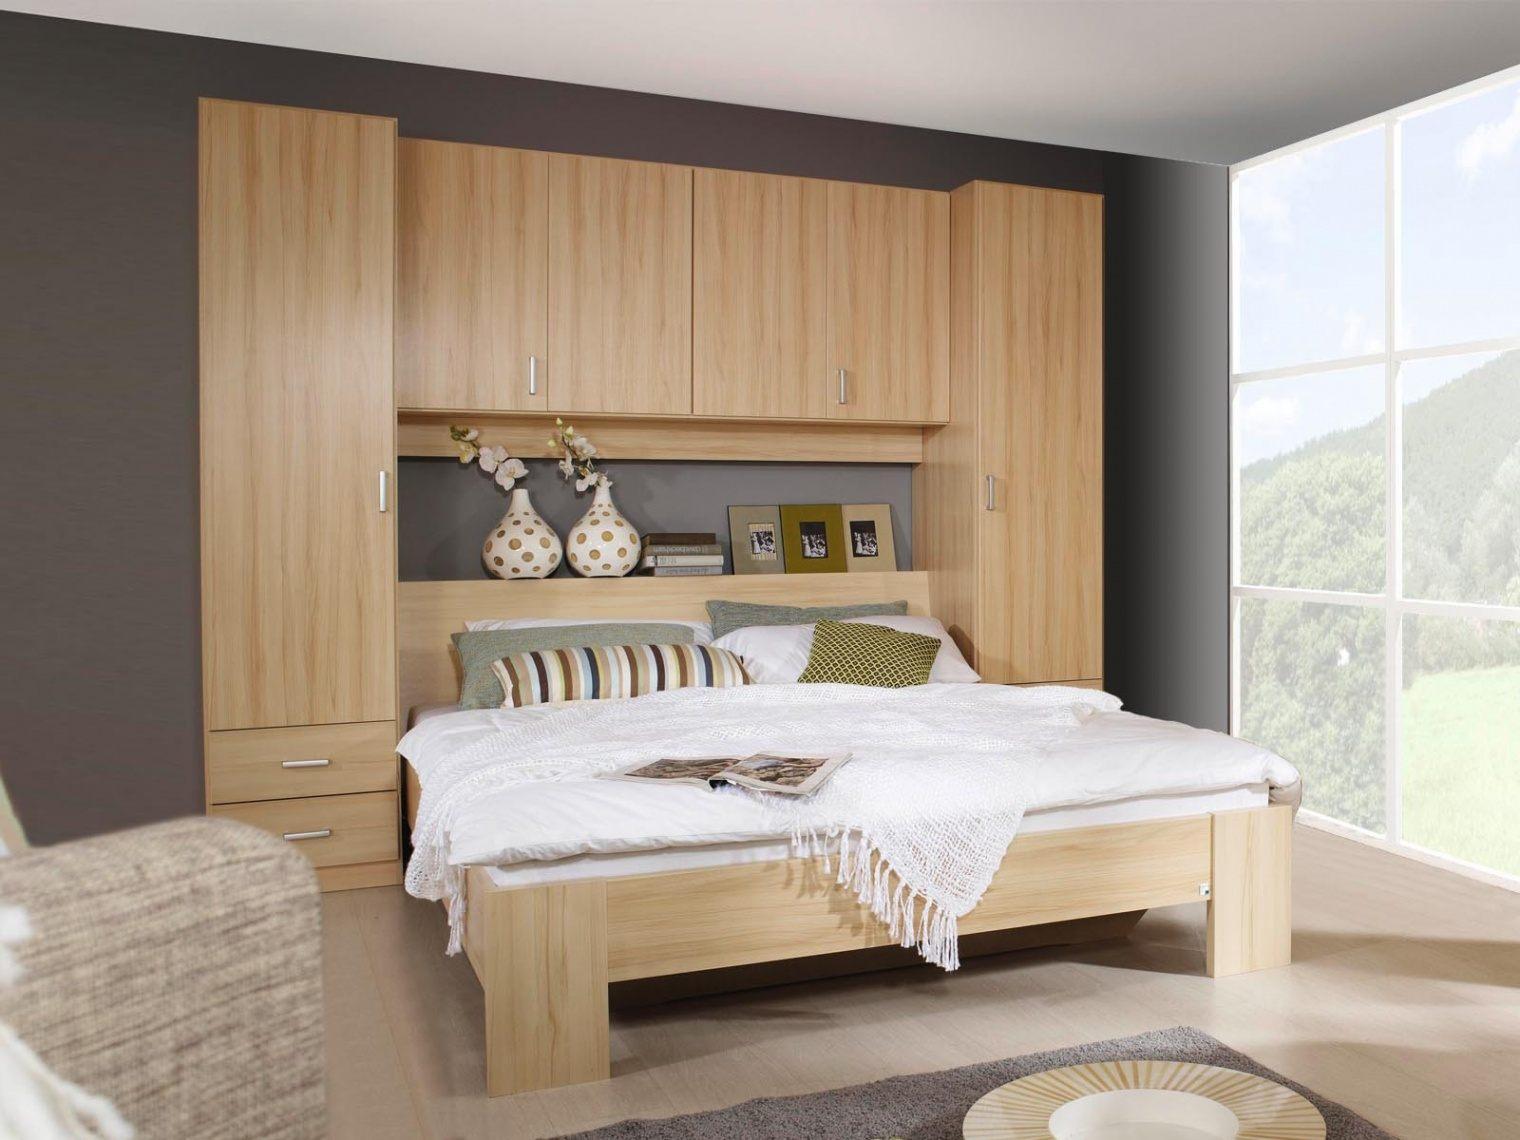 Grande Tete De Lit Unique Chambre Decoration Taupe Et Blanc Beige Bois Diy Tete De Lit Grande